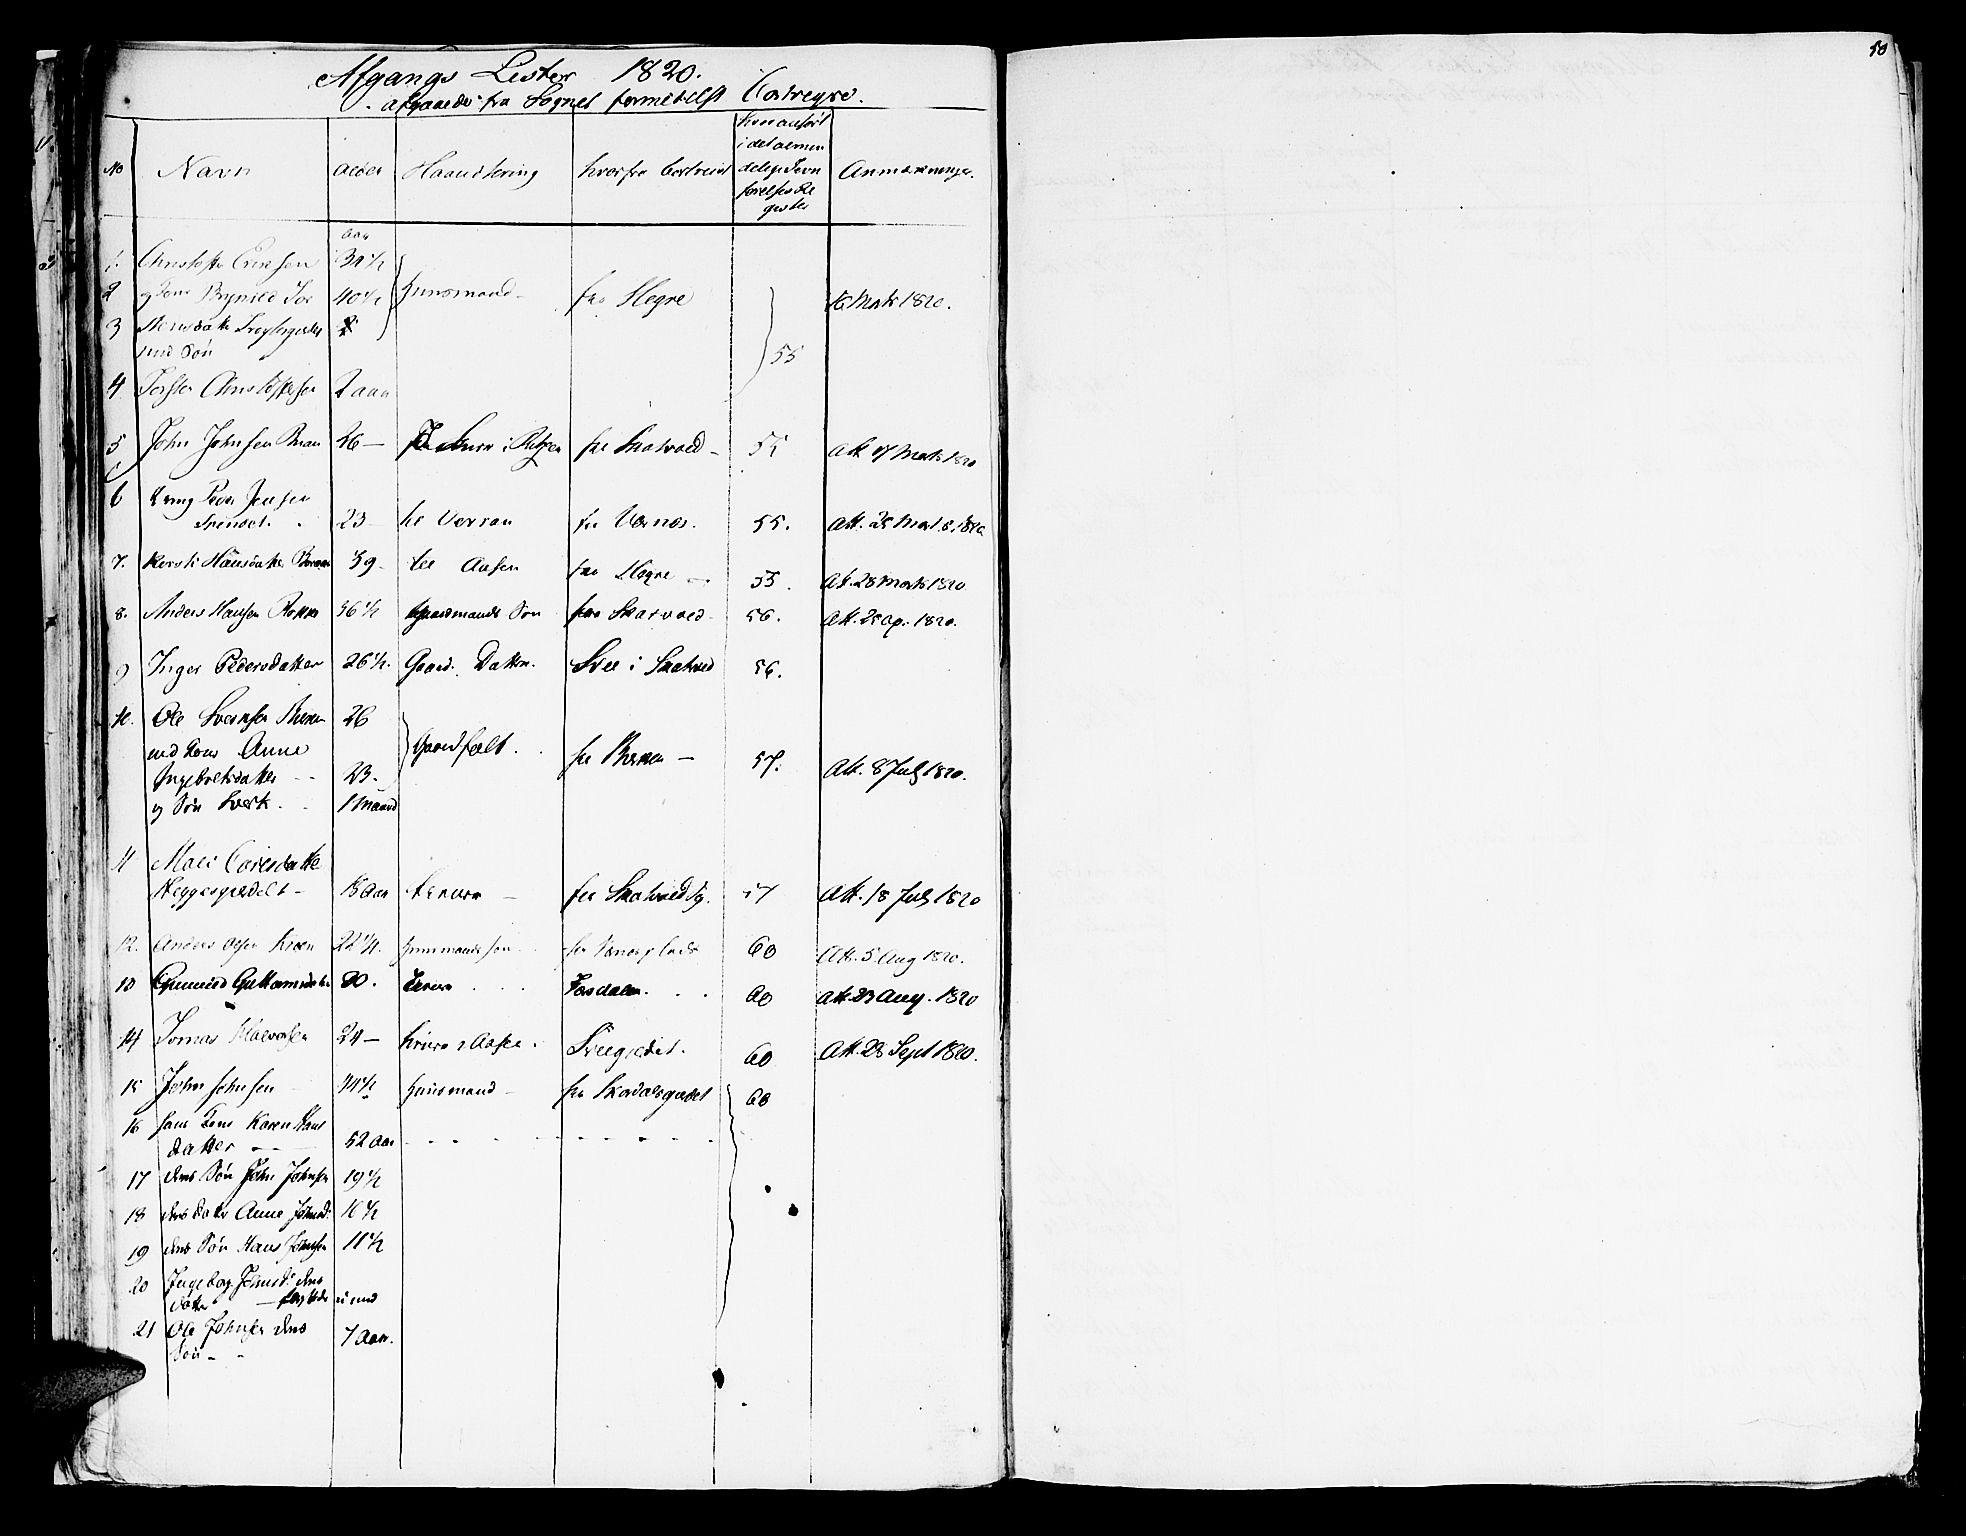 SAT, Ministerialprotokoller, klokkerbøker og fødselsregistre - Nord-Trøndelag, 709/L0061: Ministerialbok nr. 709A09 /1, 1820-1821, s. 50